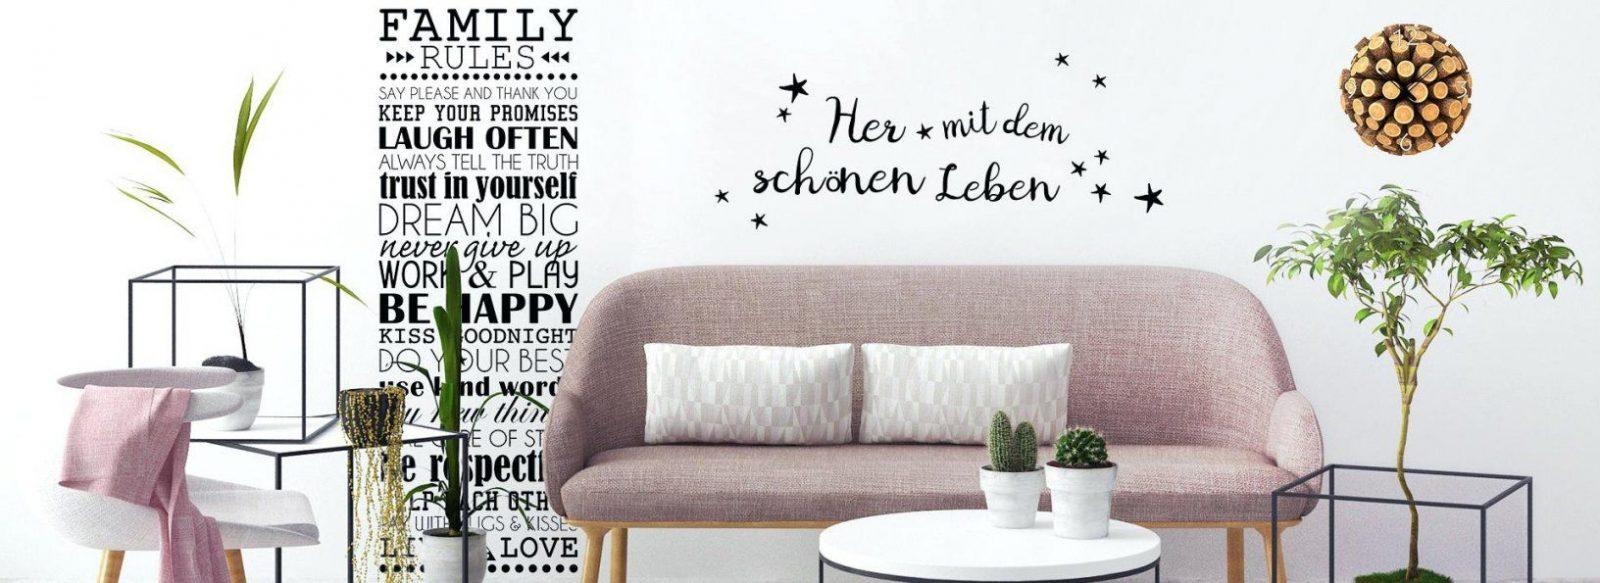 Wandtatoos Wandtattoos Sterne Holz Und Bunt Lutki Kinderzimmer von Wandtattoos Selbst Gestalten Kostenlos Bild